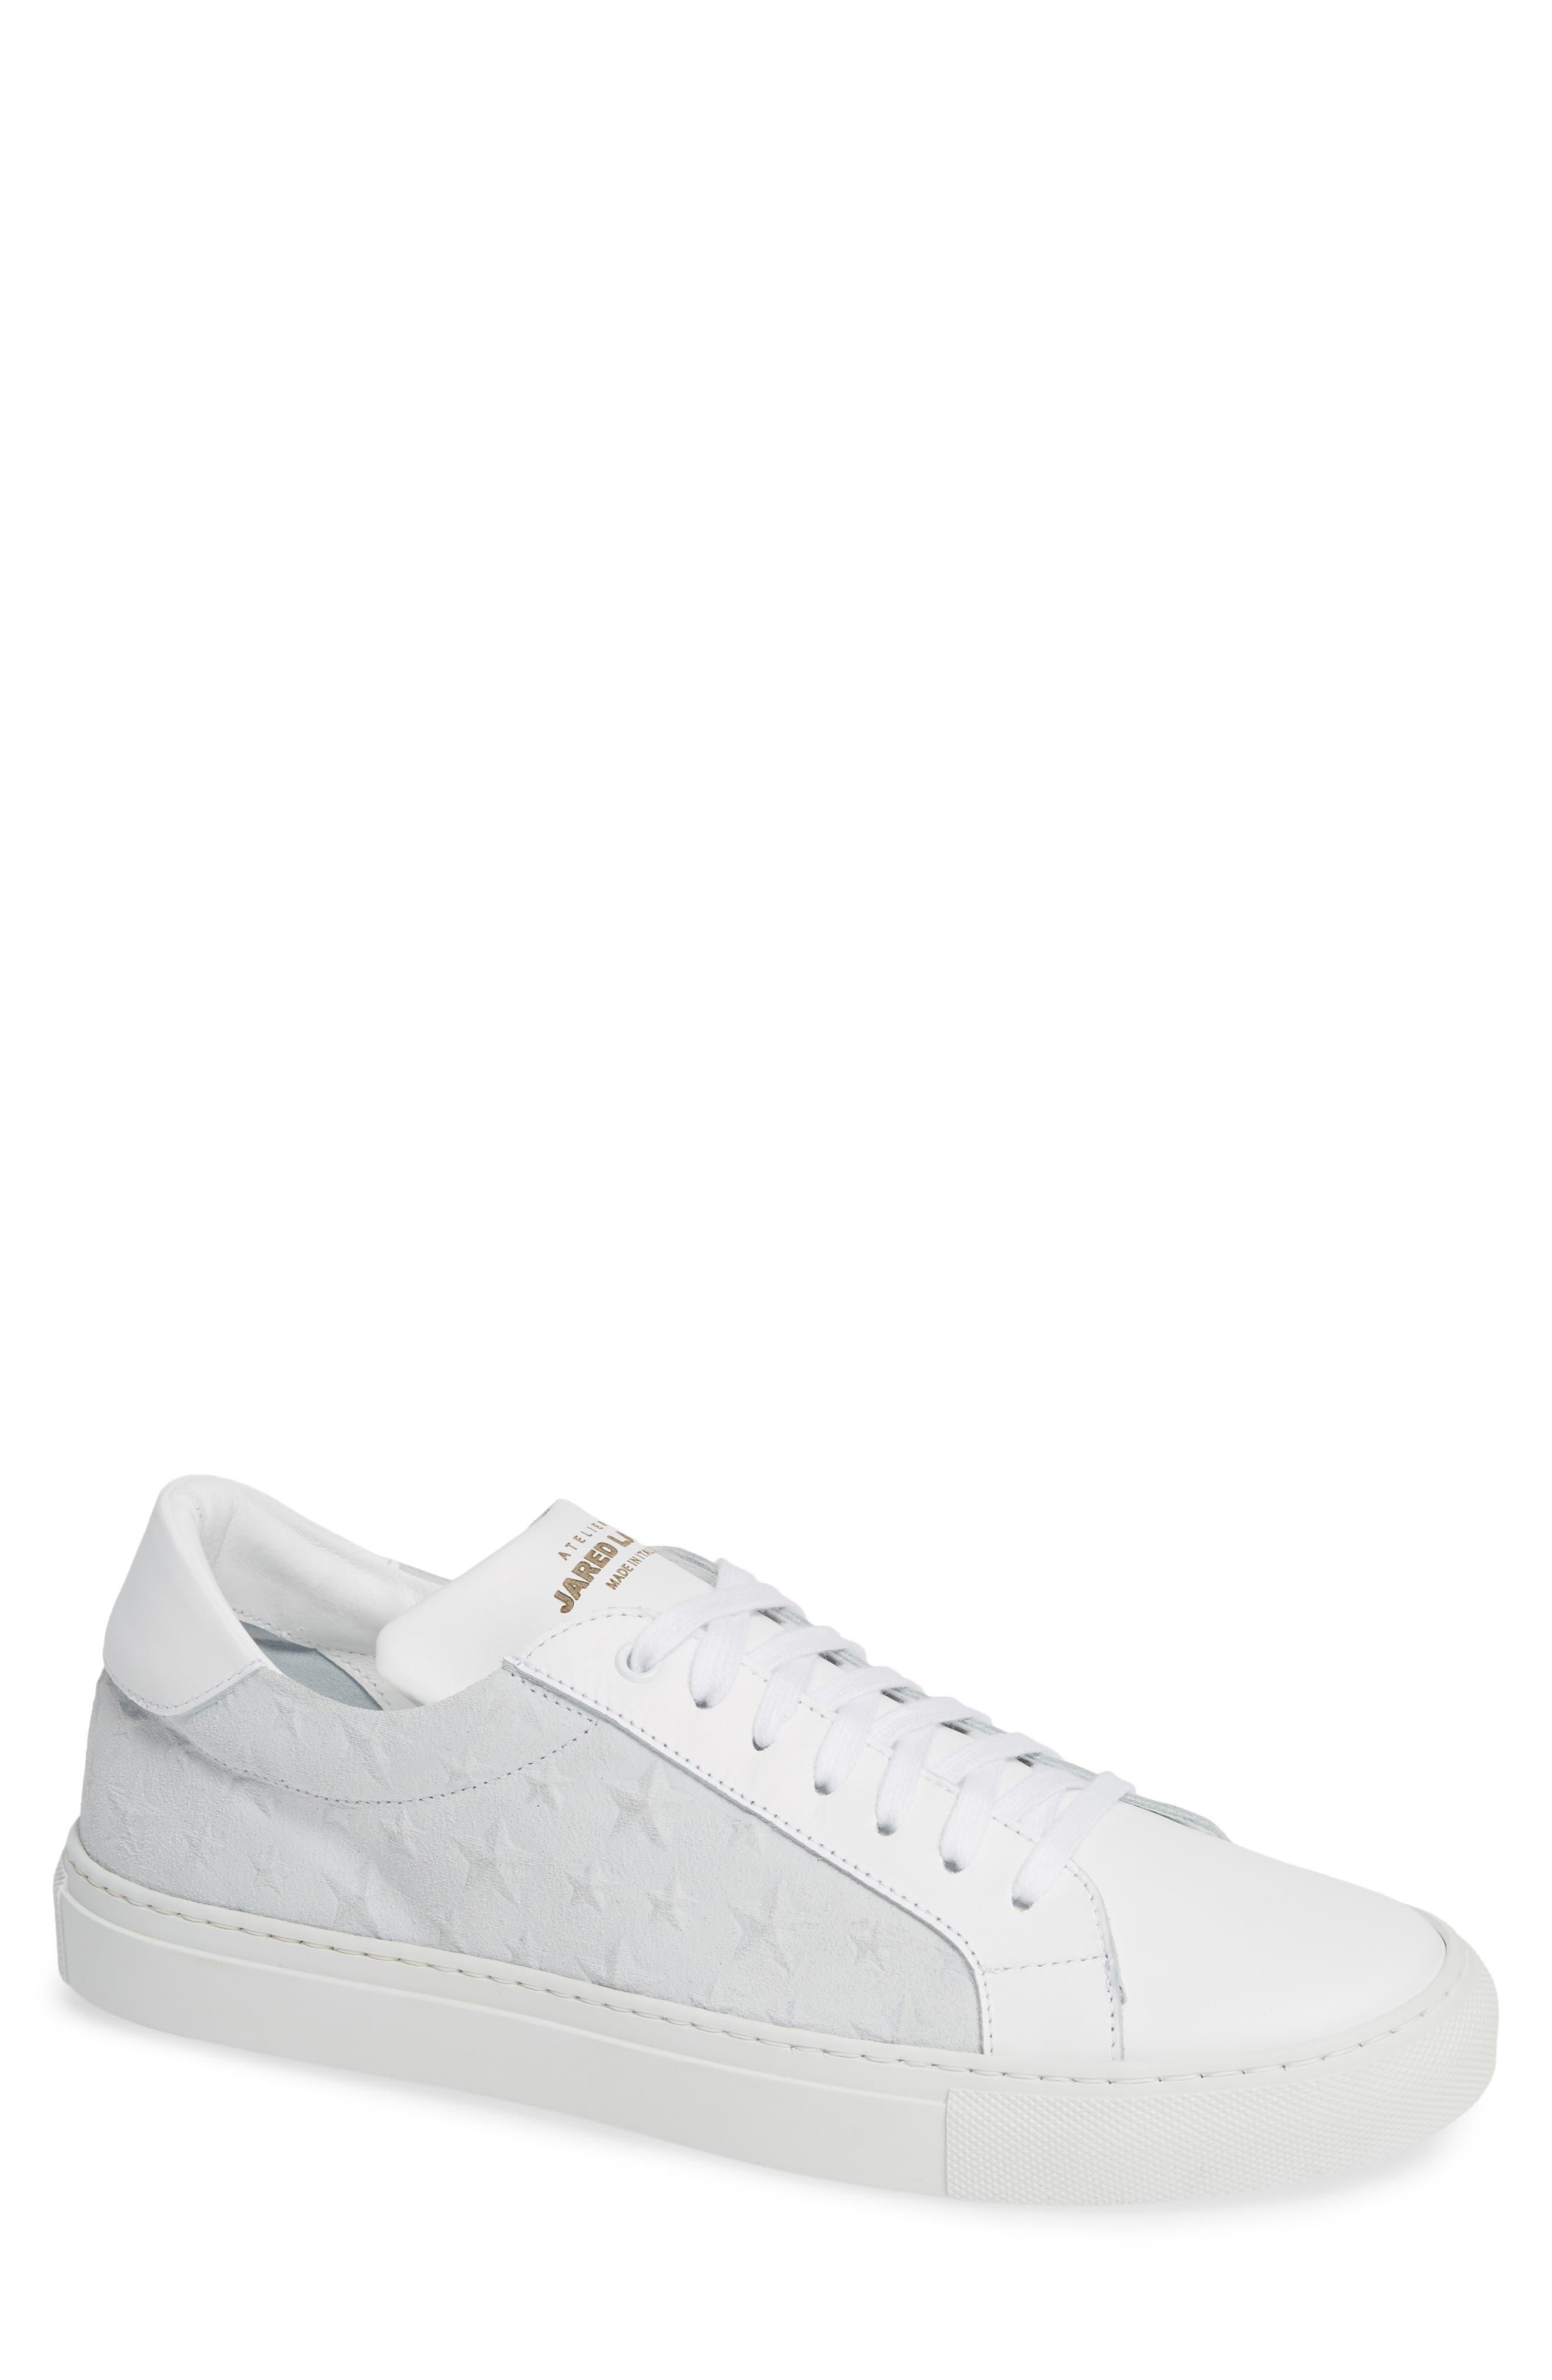 Rome Sneaker,                             Main thumbnail 1, color,                             WHITE